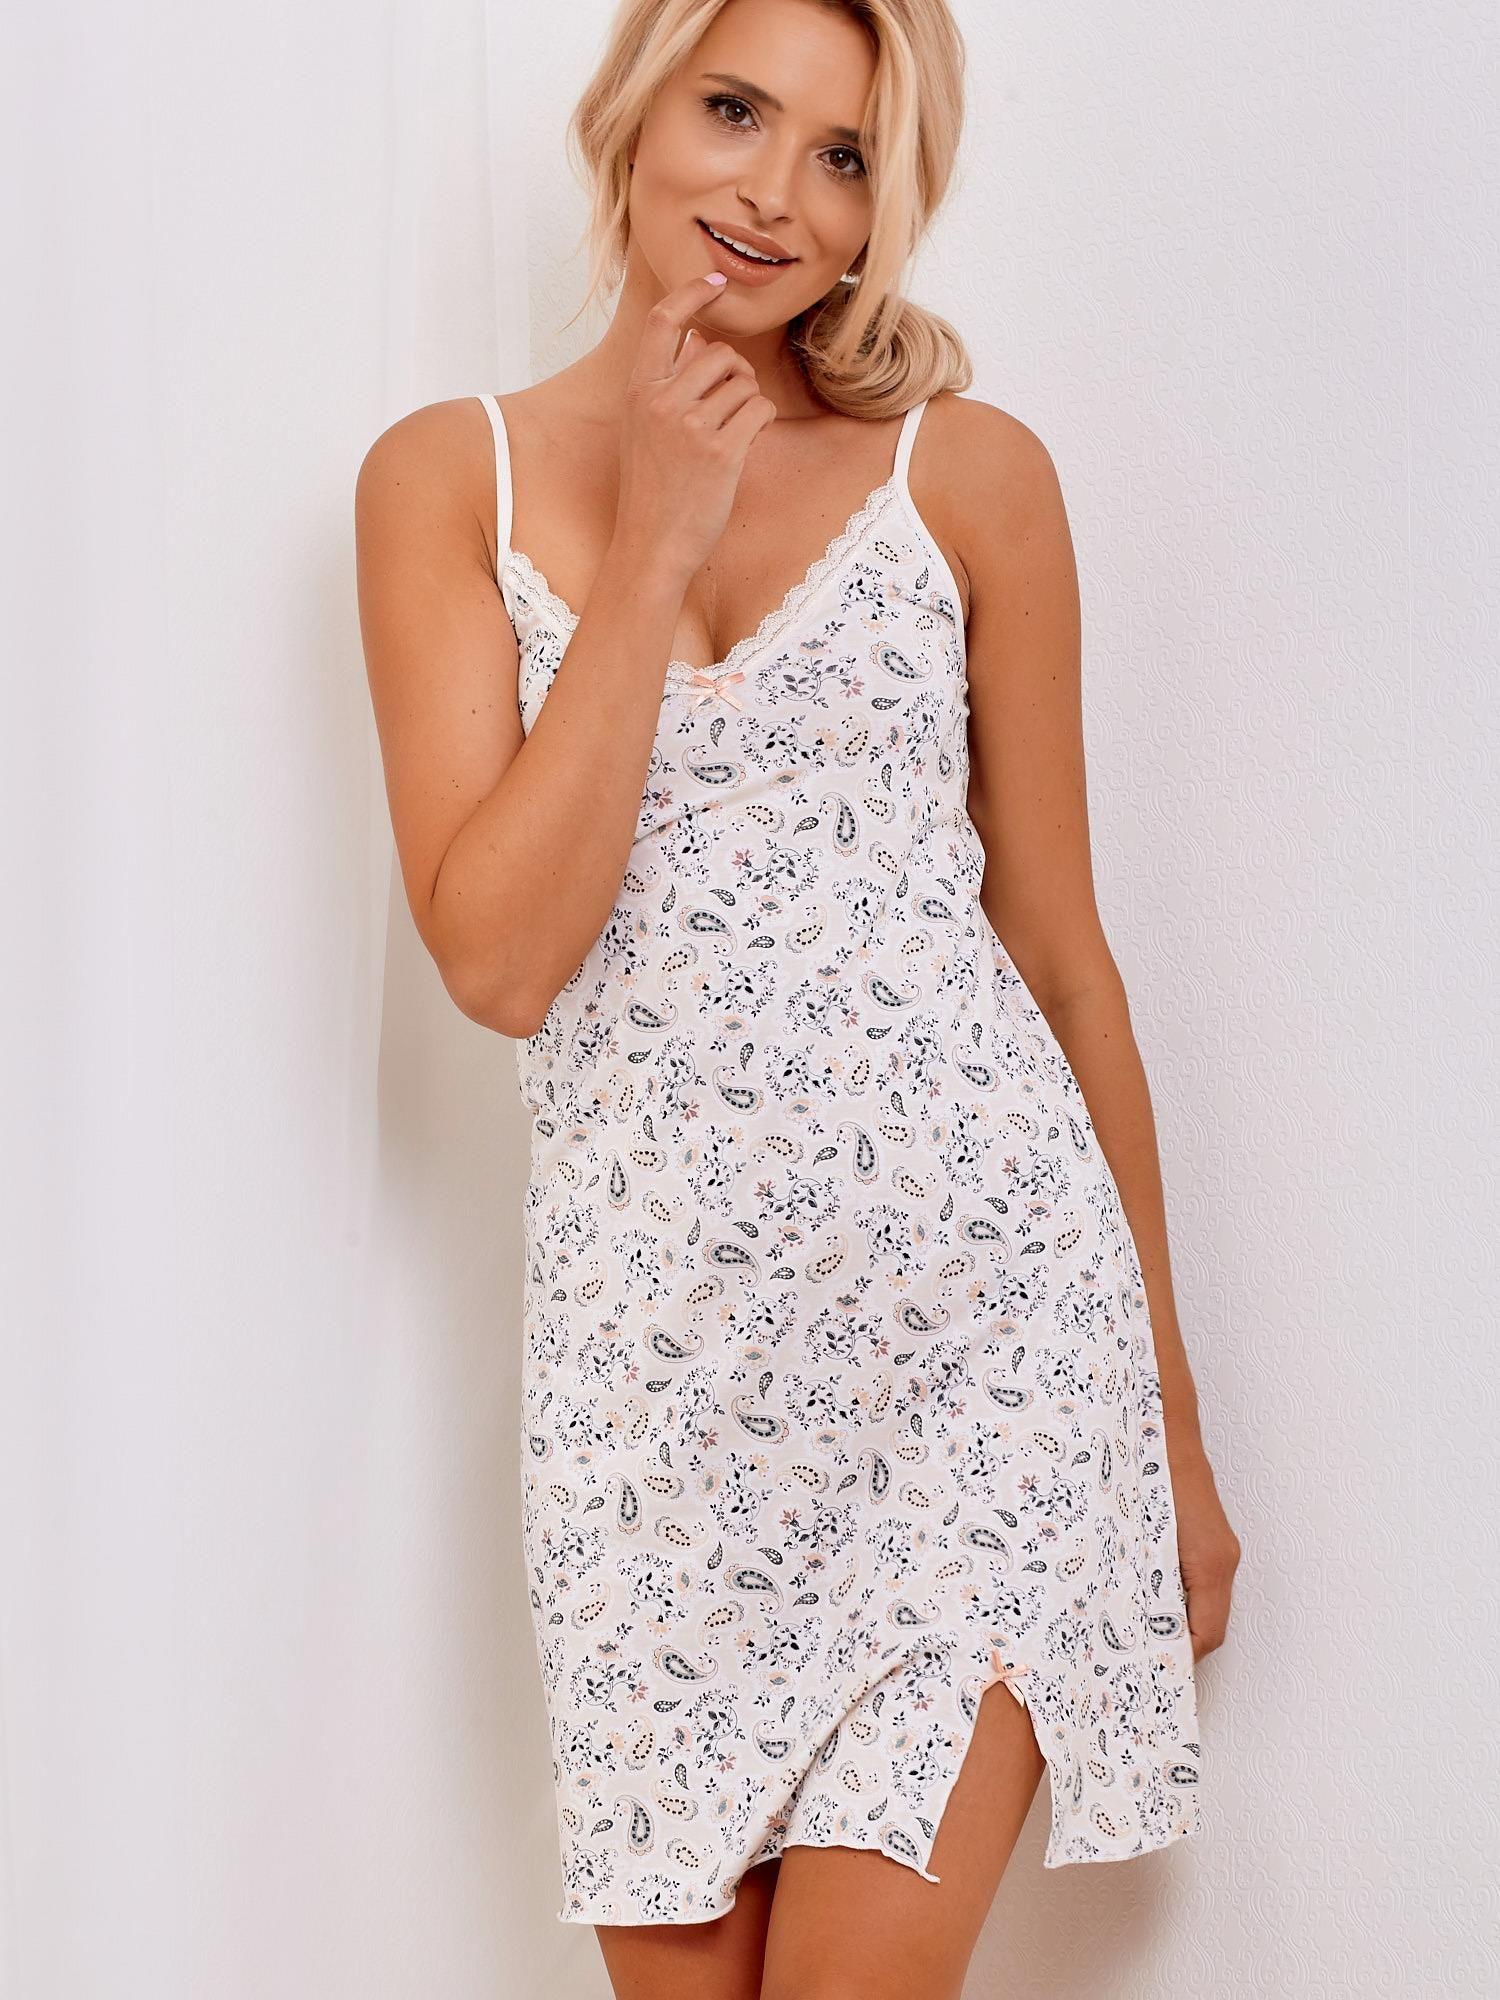 fa955c40af985d Jasnobeżowa koszula nocna ze wzorem kwiatów i paisley - Bielizna piżama -  sklep eButik.pl